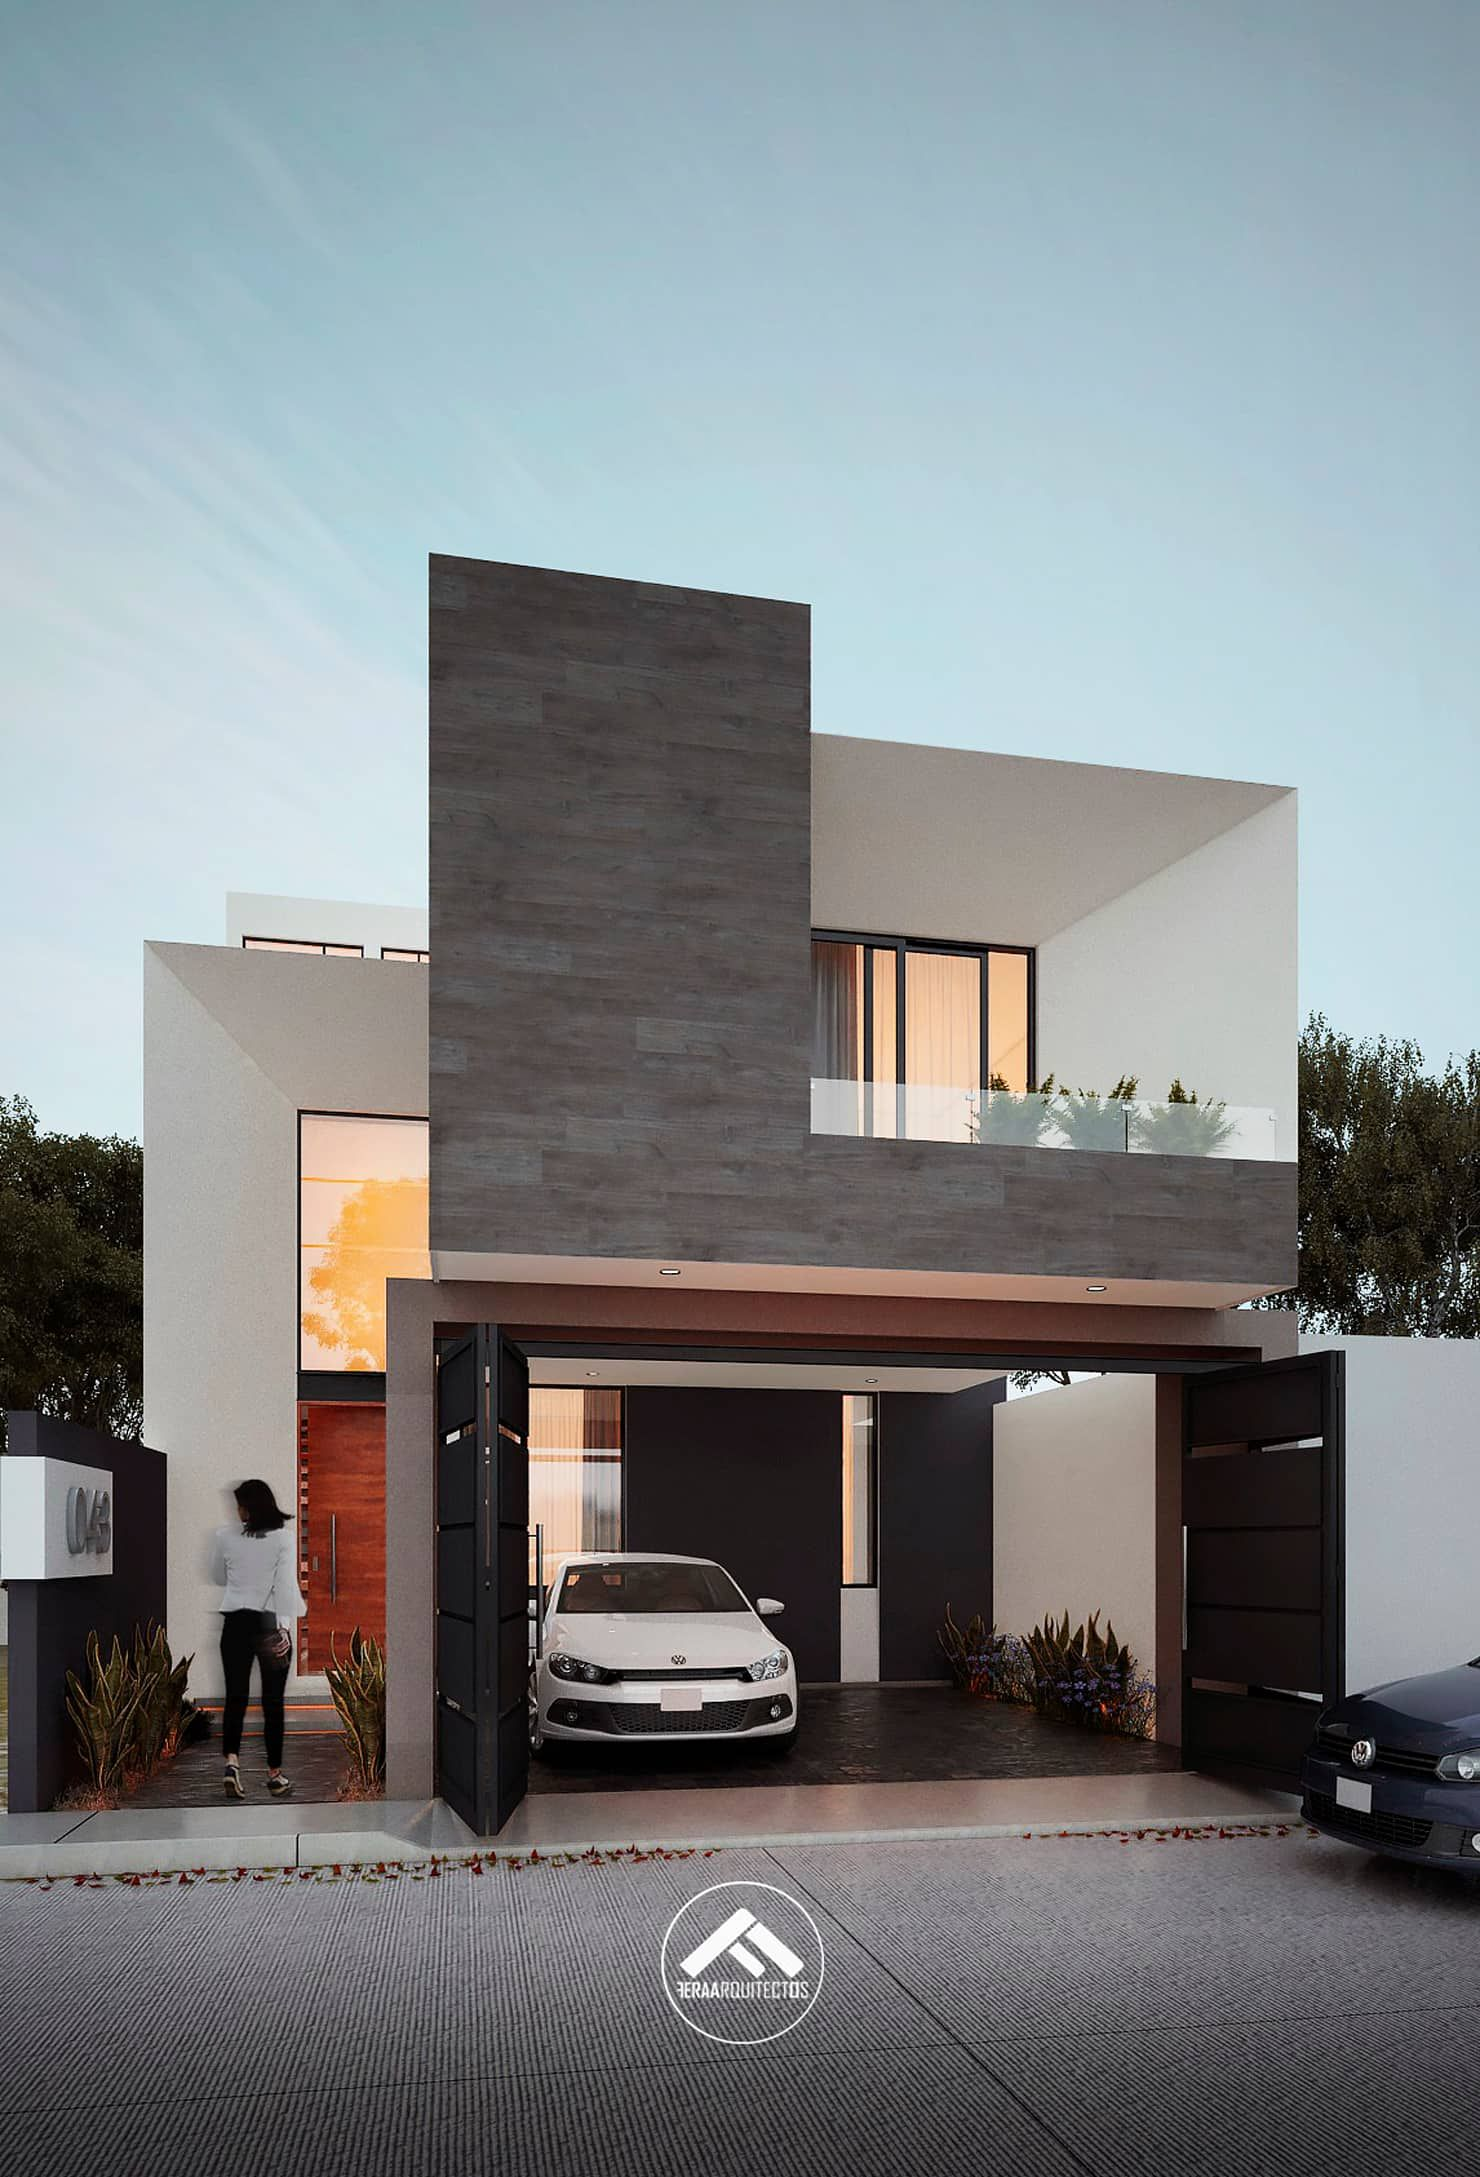 Arquitectura Fachadas De Casas Modernas Casas Modernas: Casa Mlan: Casas De Estilo Por Feraarquitectos En 2019